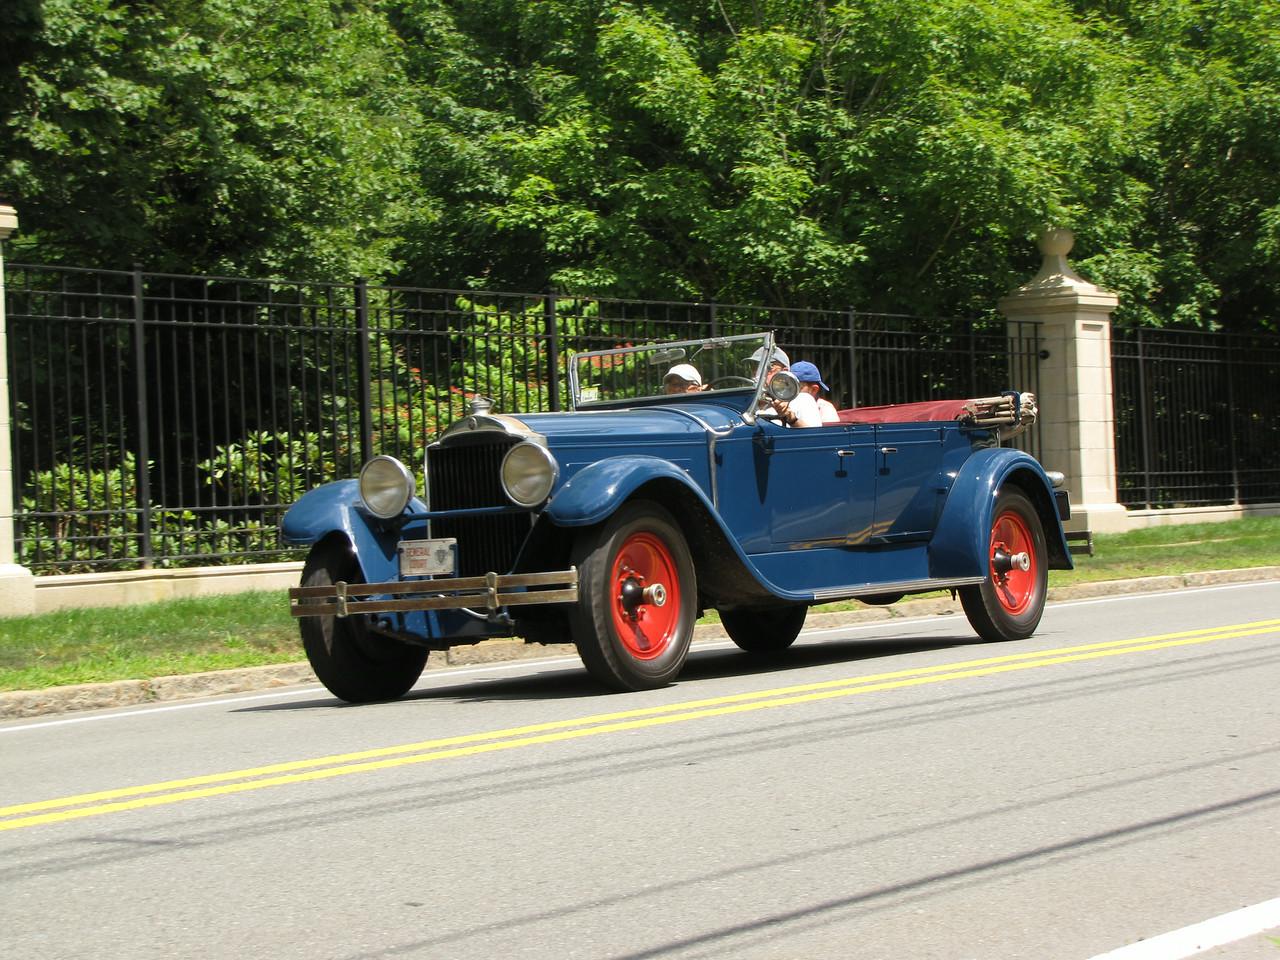 Packard or Pierce-Arrow